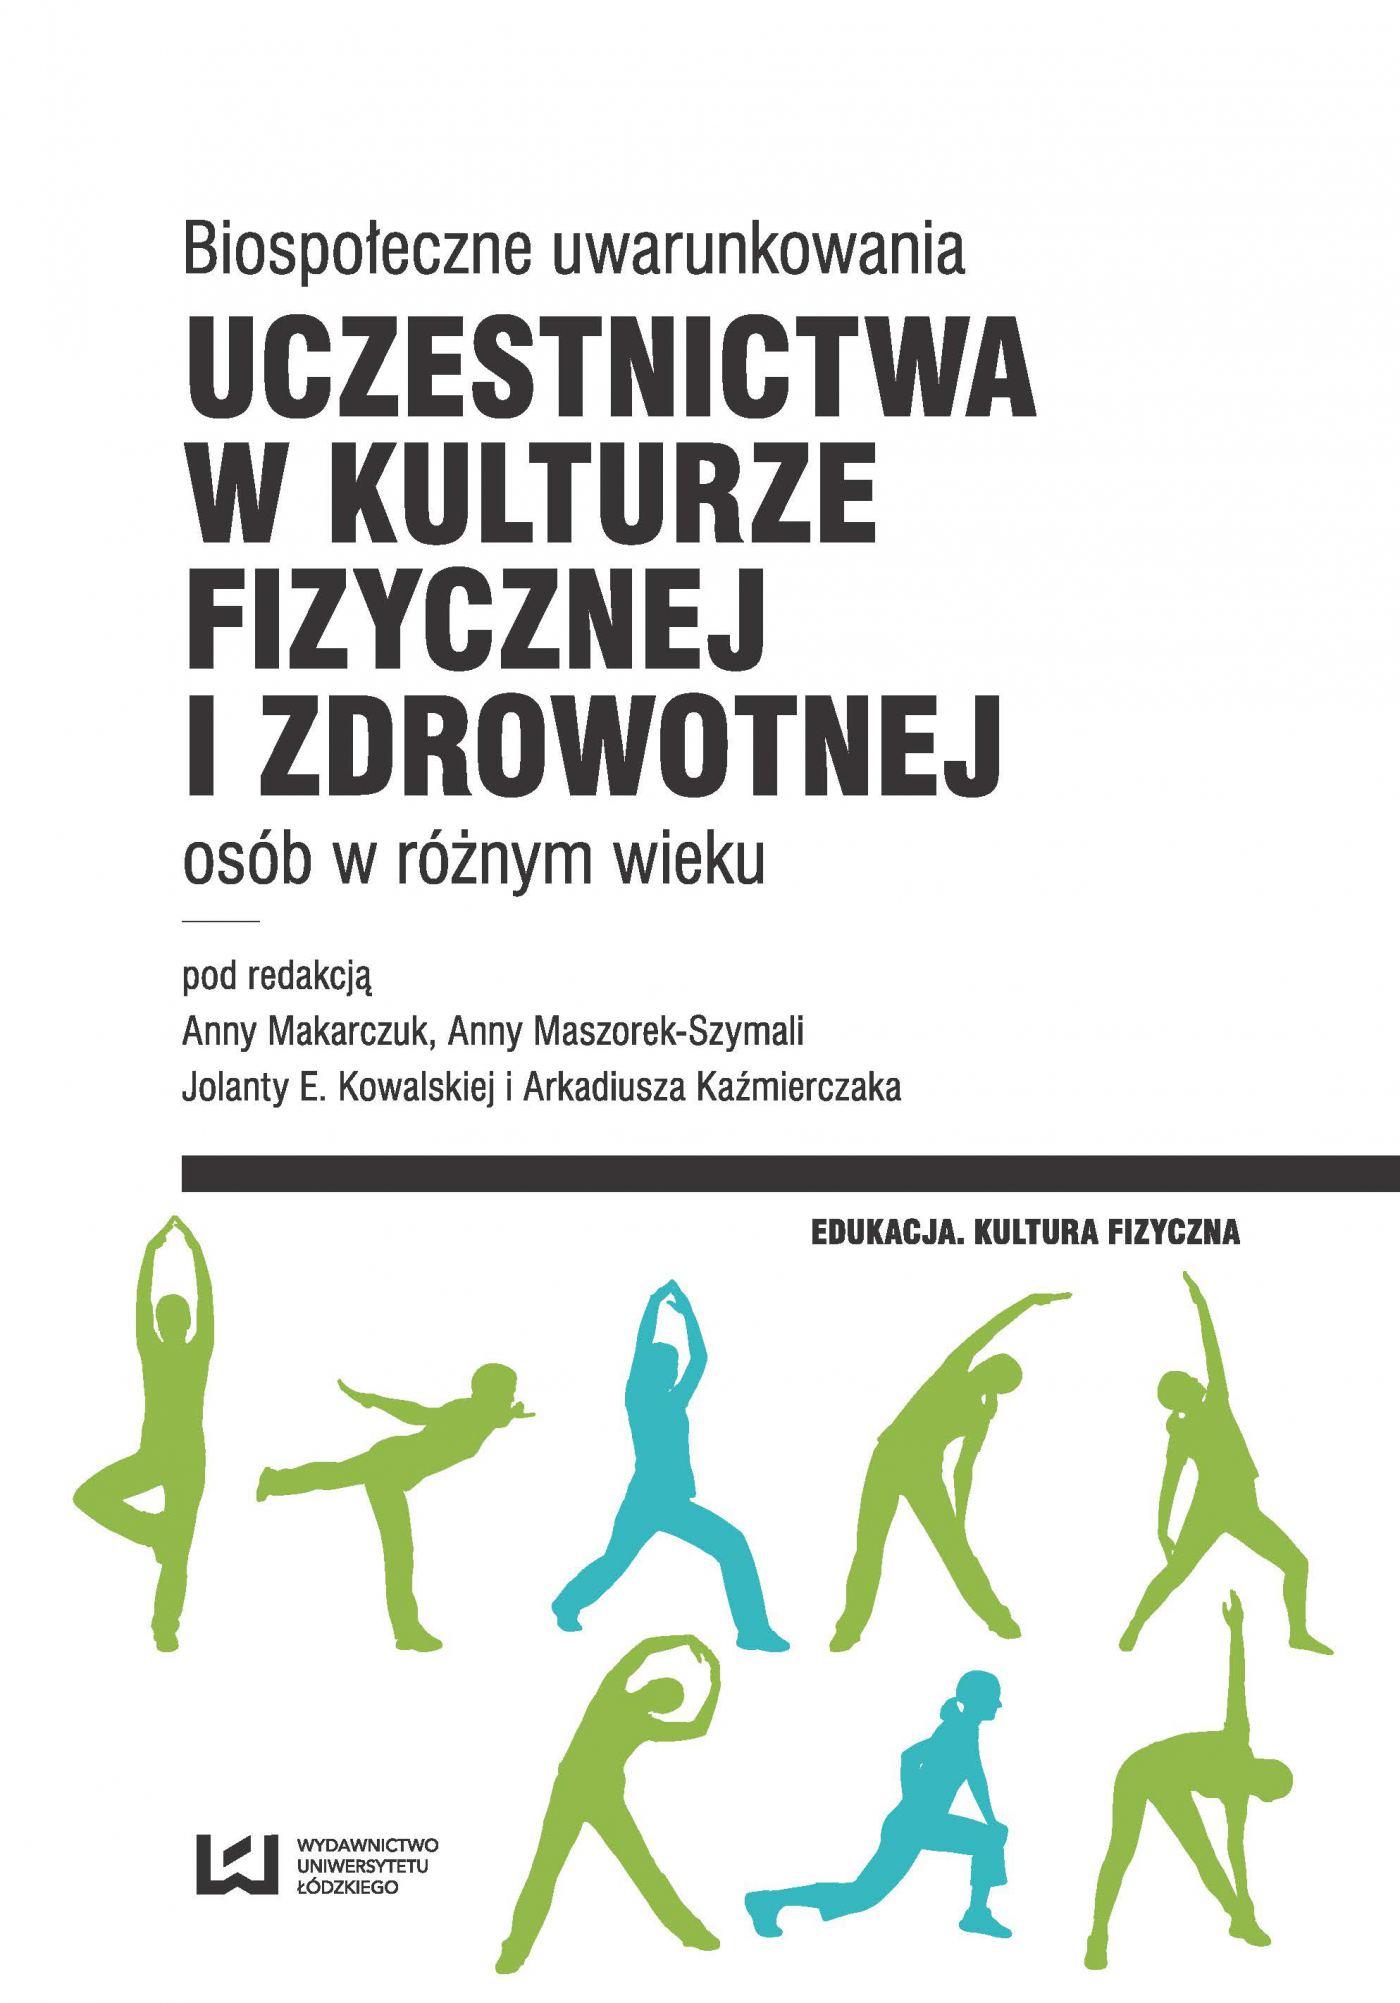 Biospołeczne uwarunkowania uczestnictwa w kulturze fizycznej i zdrowotnej osób w różnym wieku - Ebook (Książka PDF) do pobrania w formacie PDF